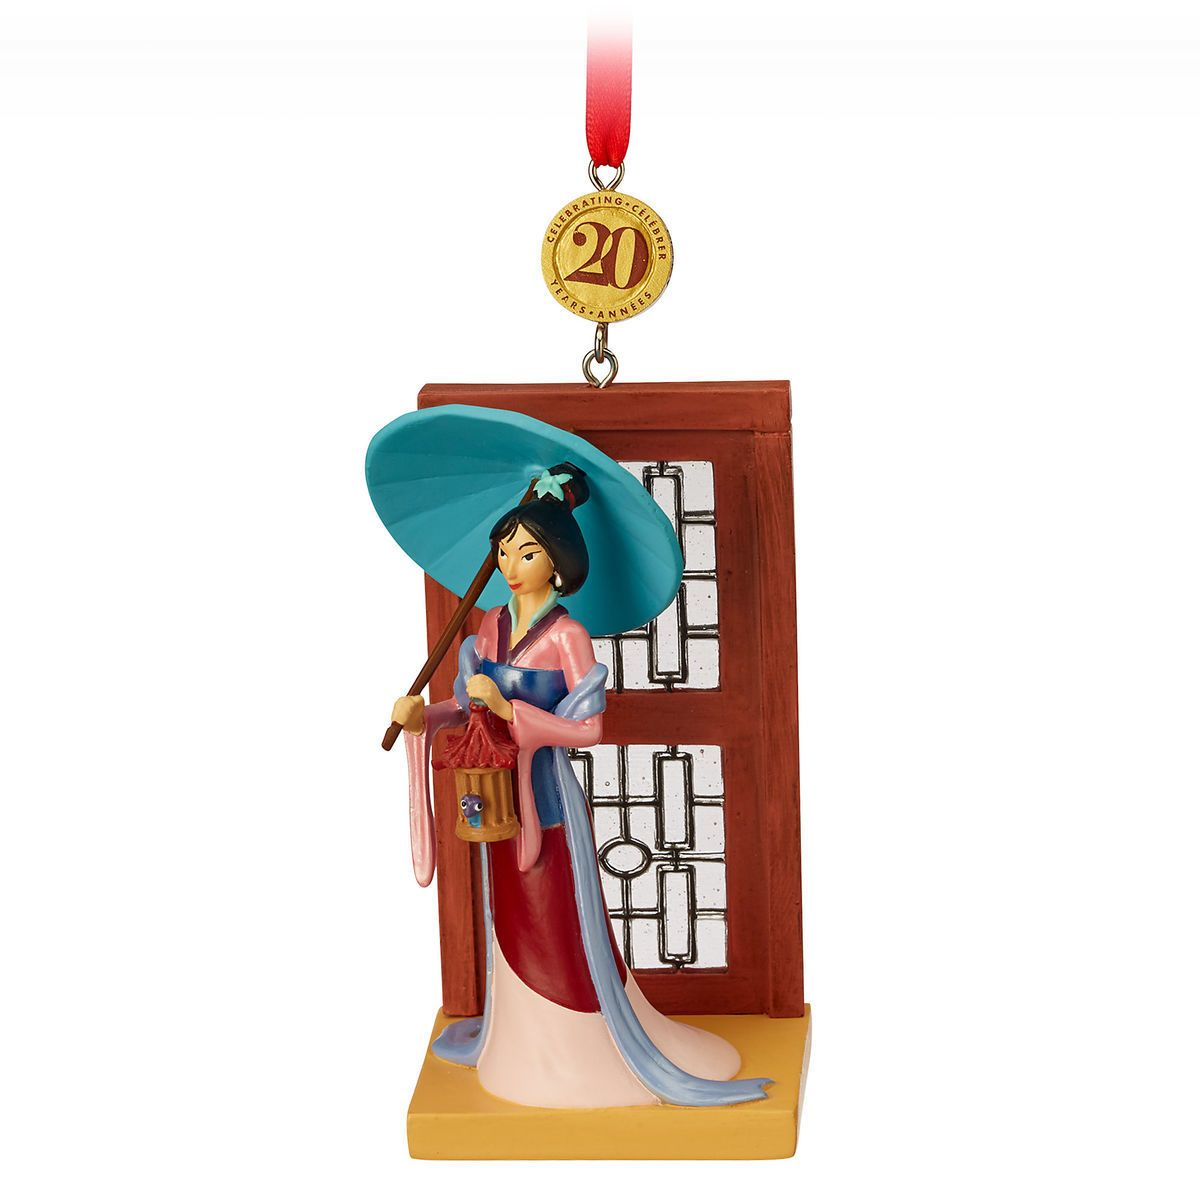 Coco Disney Miguel Singing Sketchbook Ornament